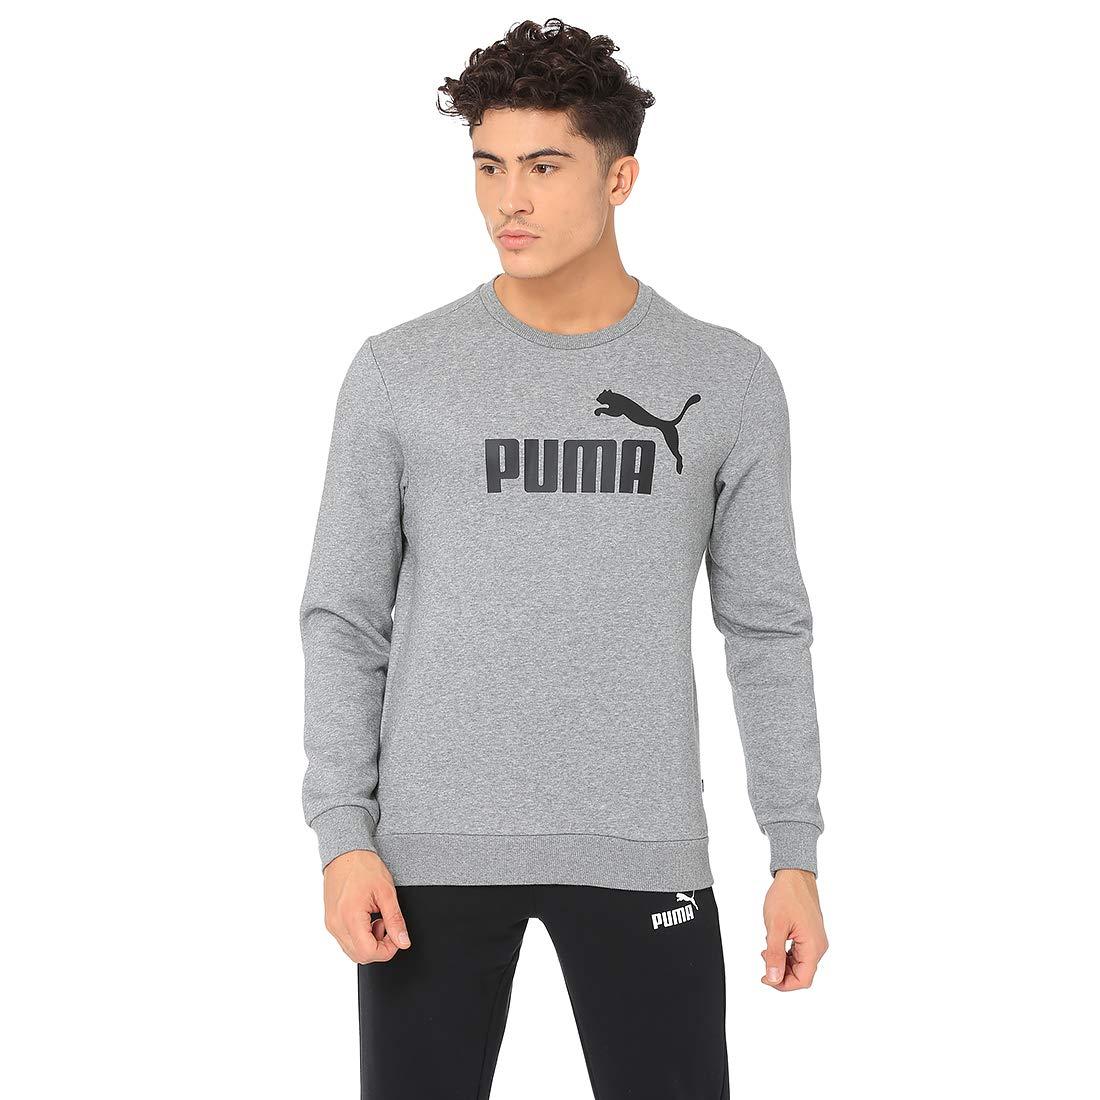 75% Off on Puma Men's Sweatshirt Starts from- Amazon